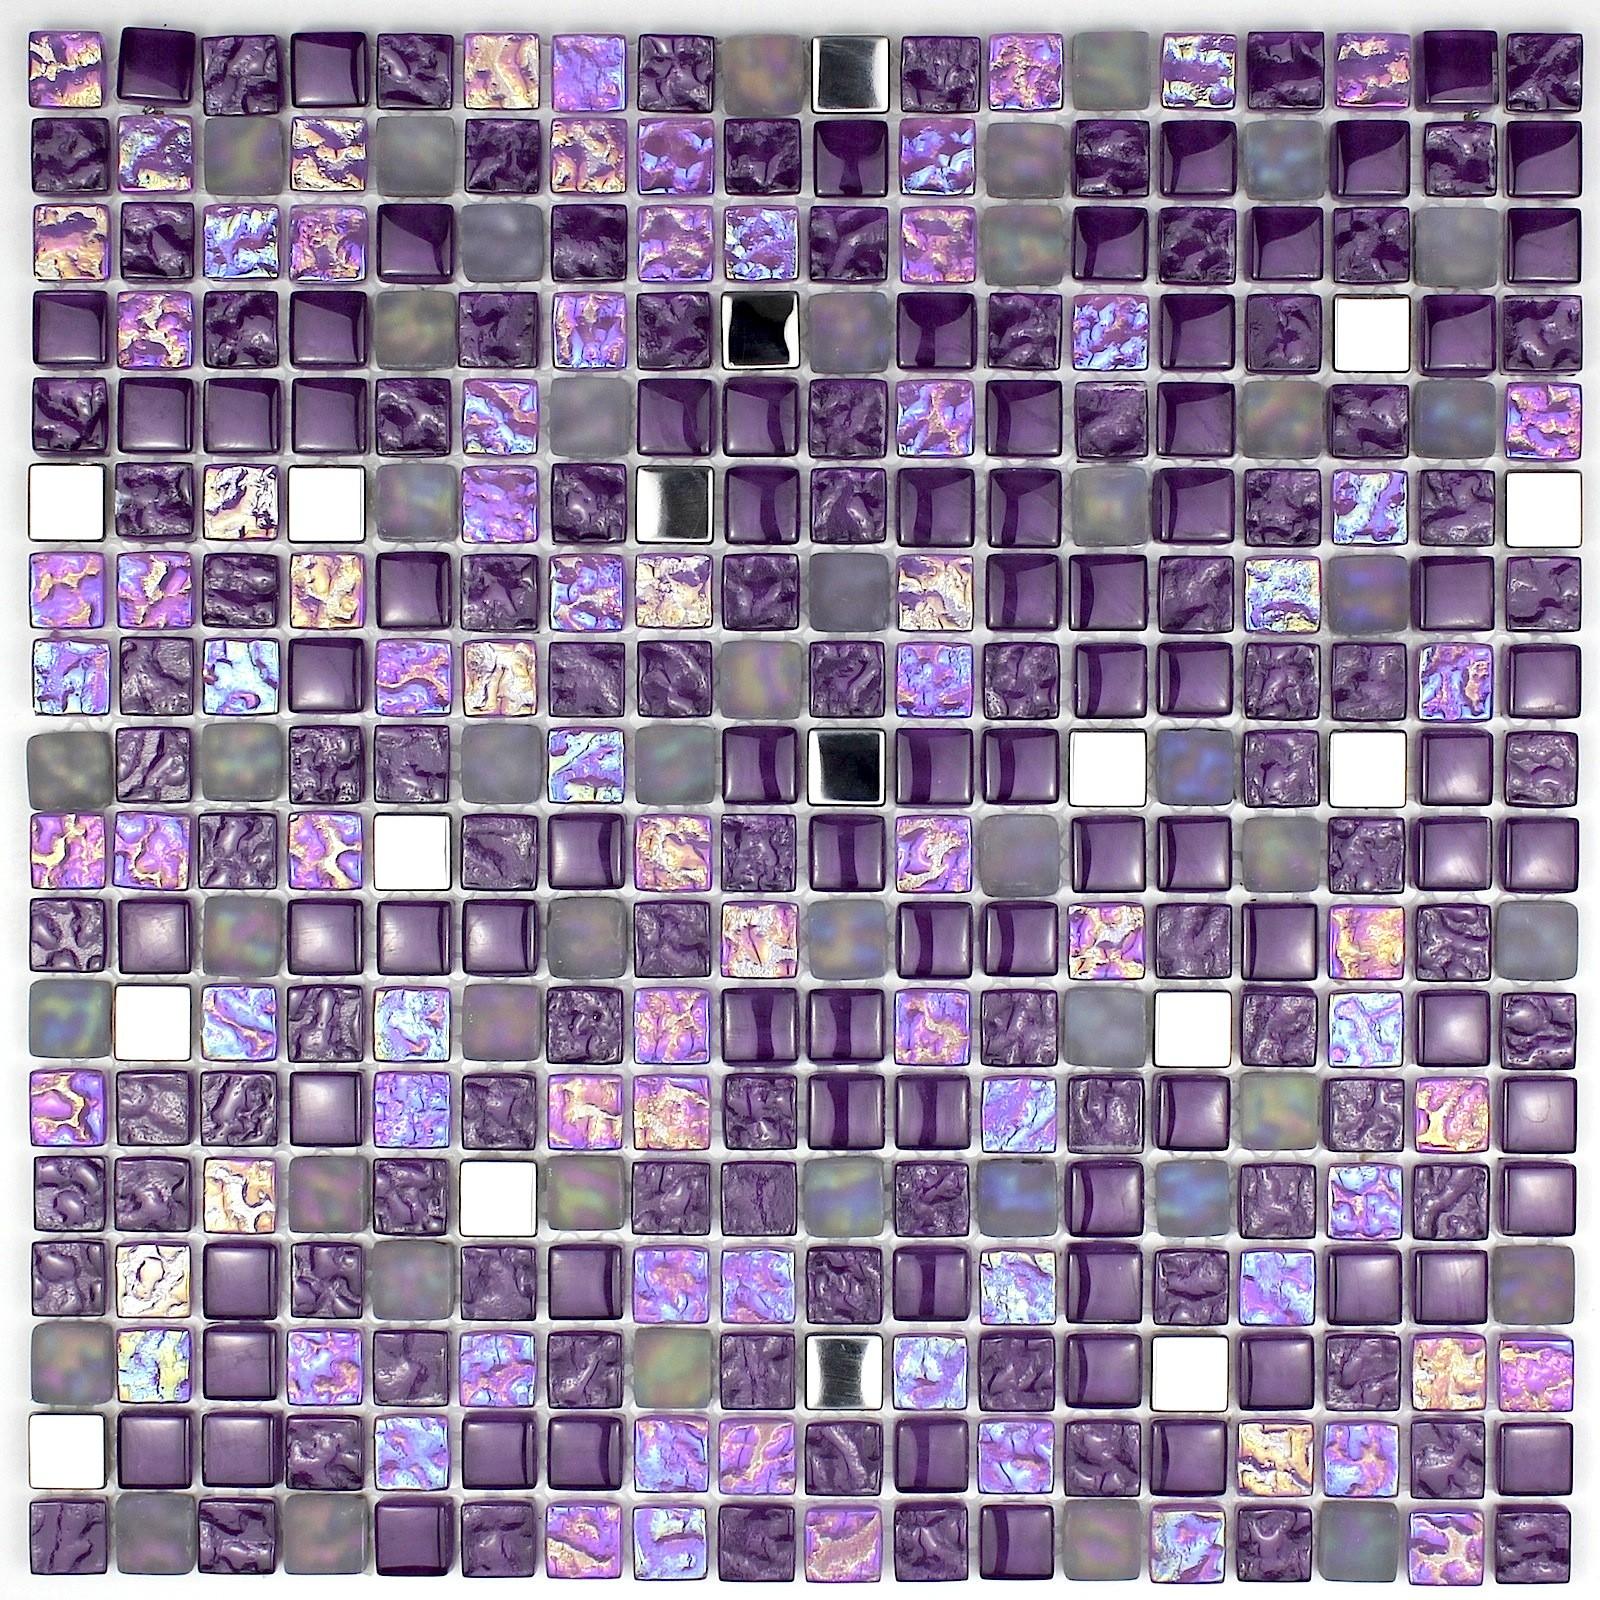 Modele Salle De Bain Avec Mosaique mosaique salle de bain et mosaique mur harris violet